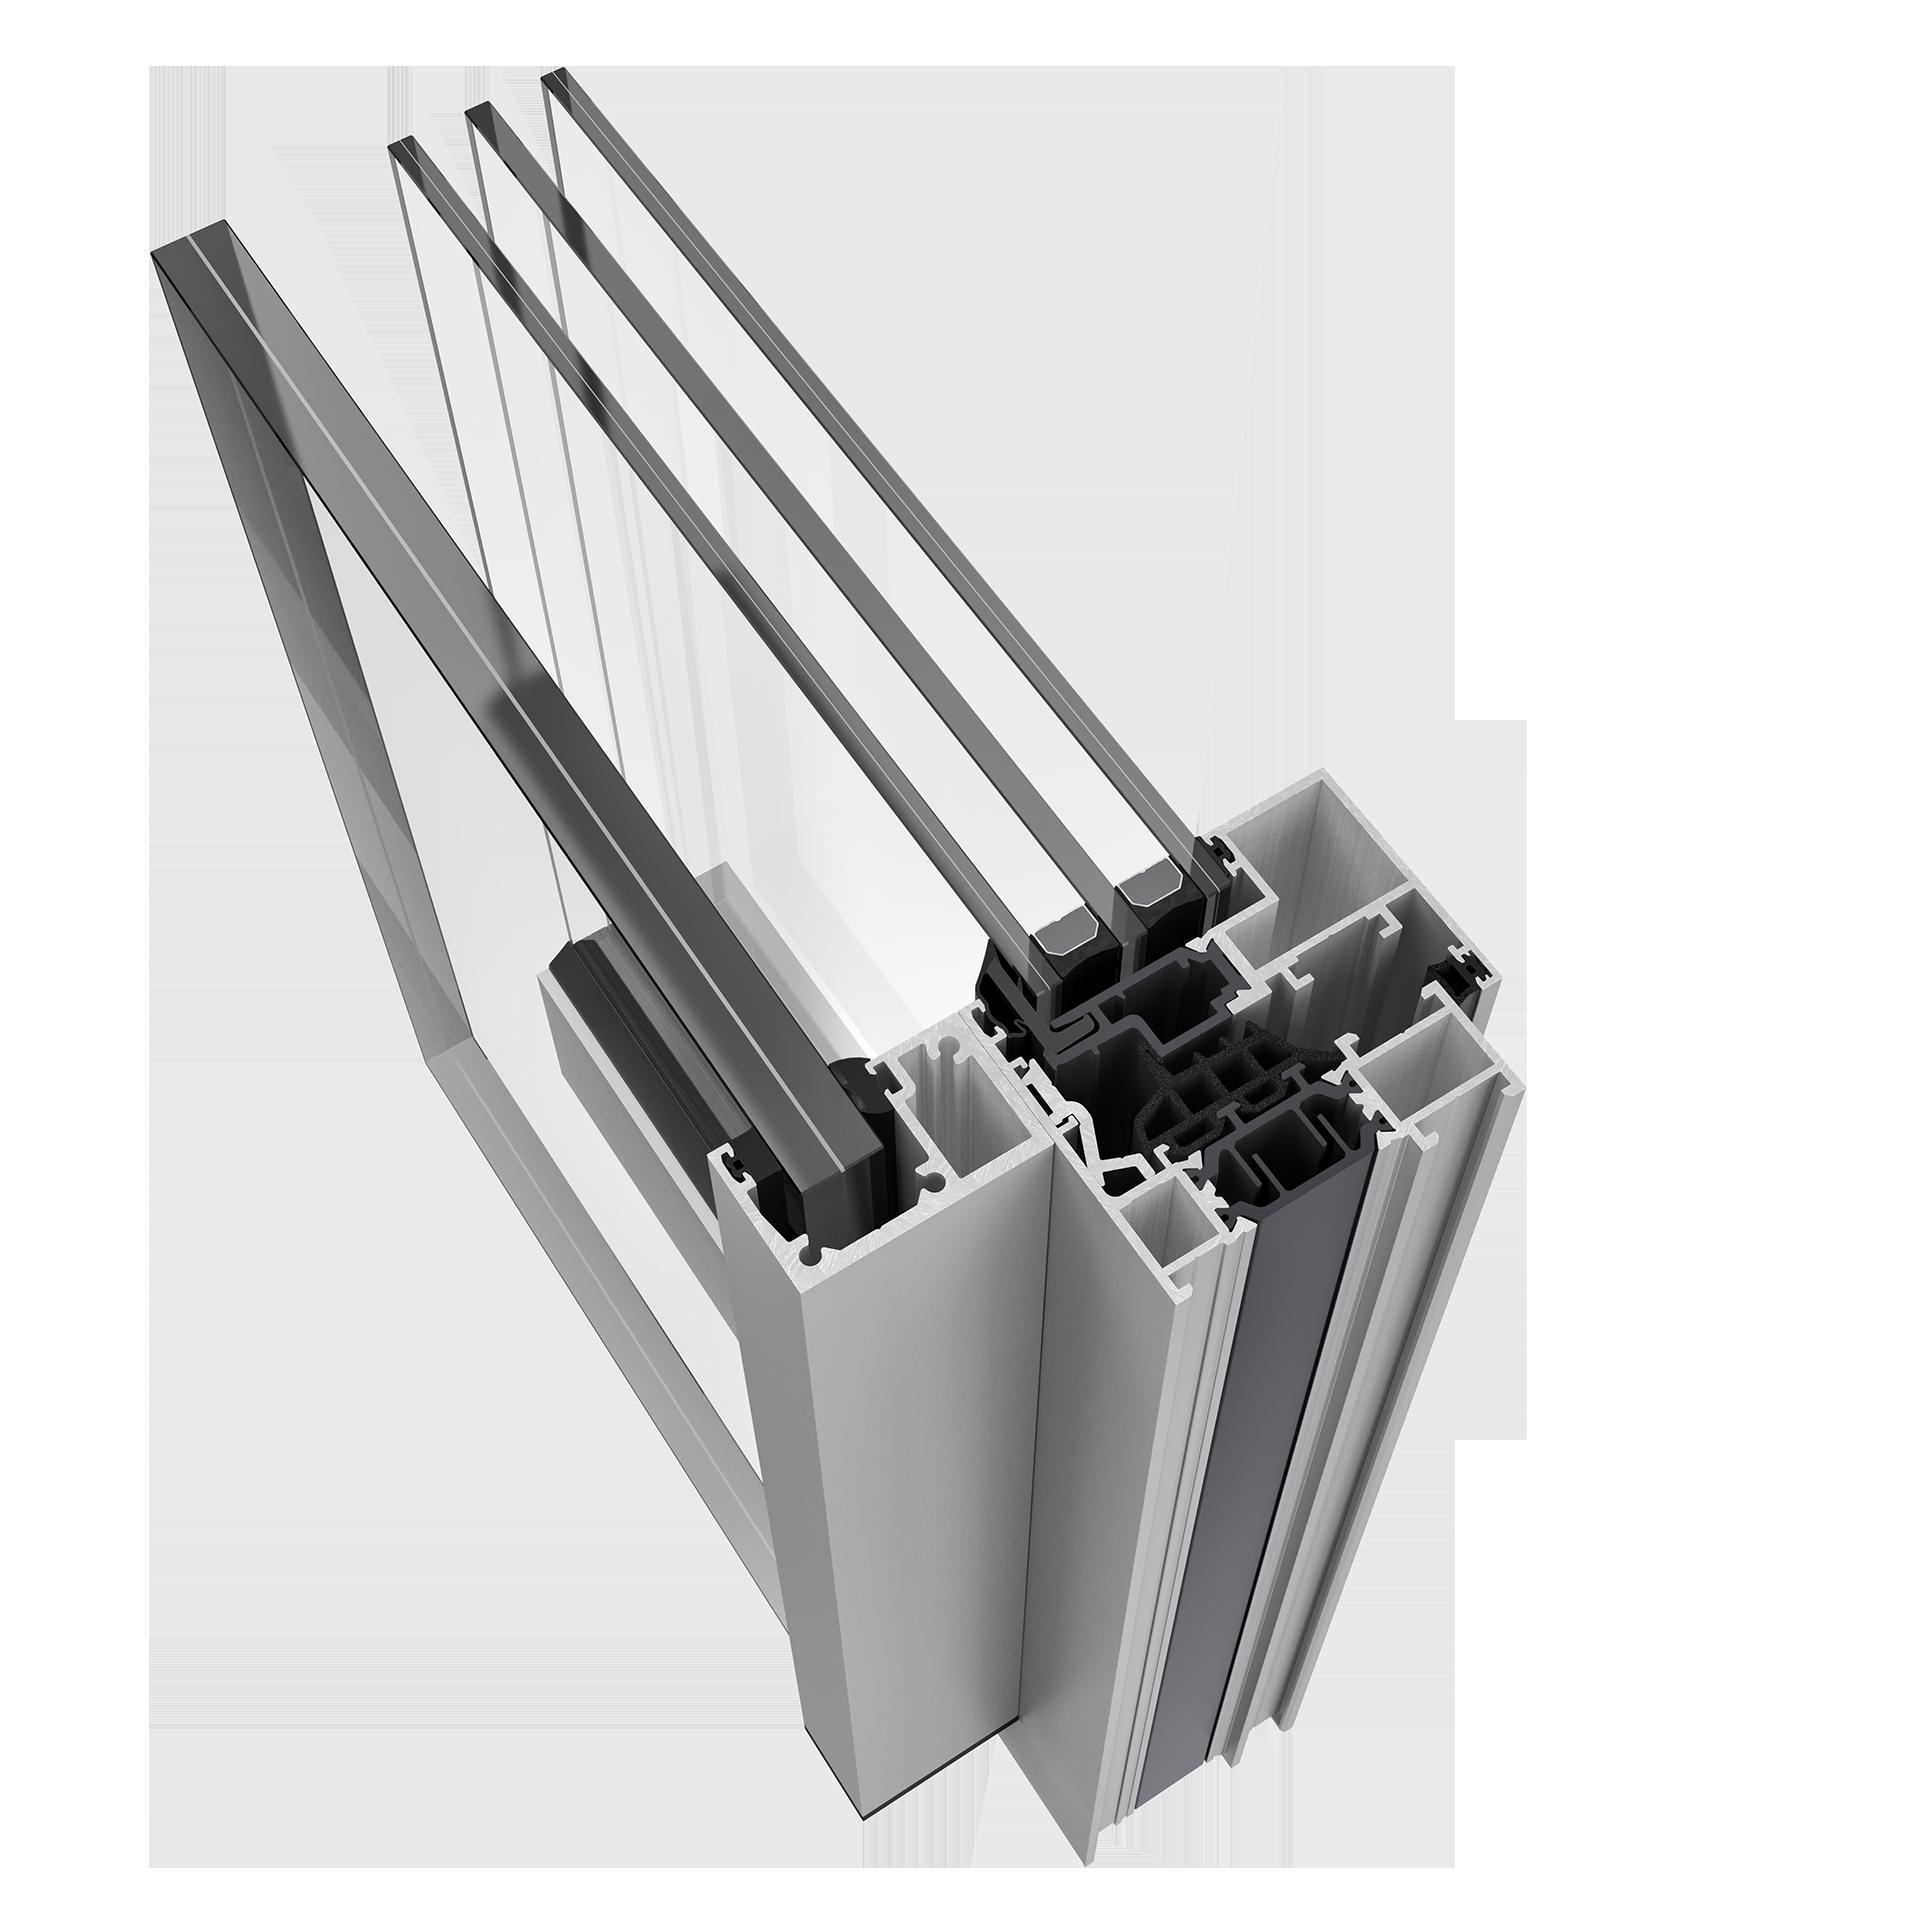 Exlabesa mejora su sistema de barandilla de vidrio para balcón francés